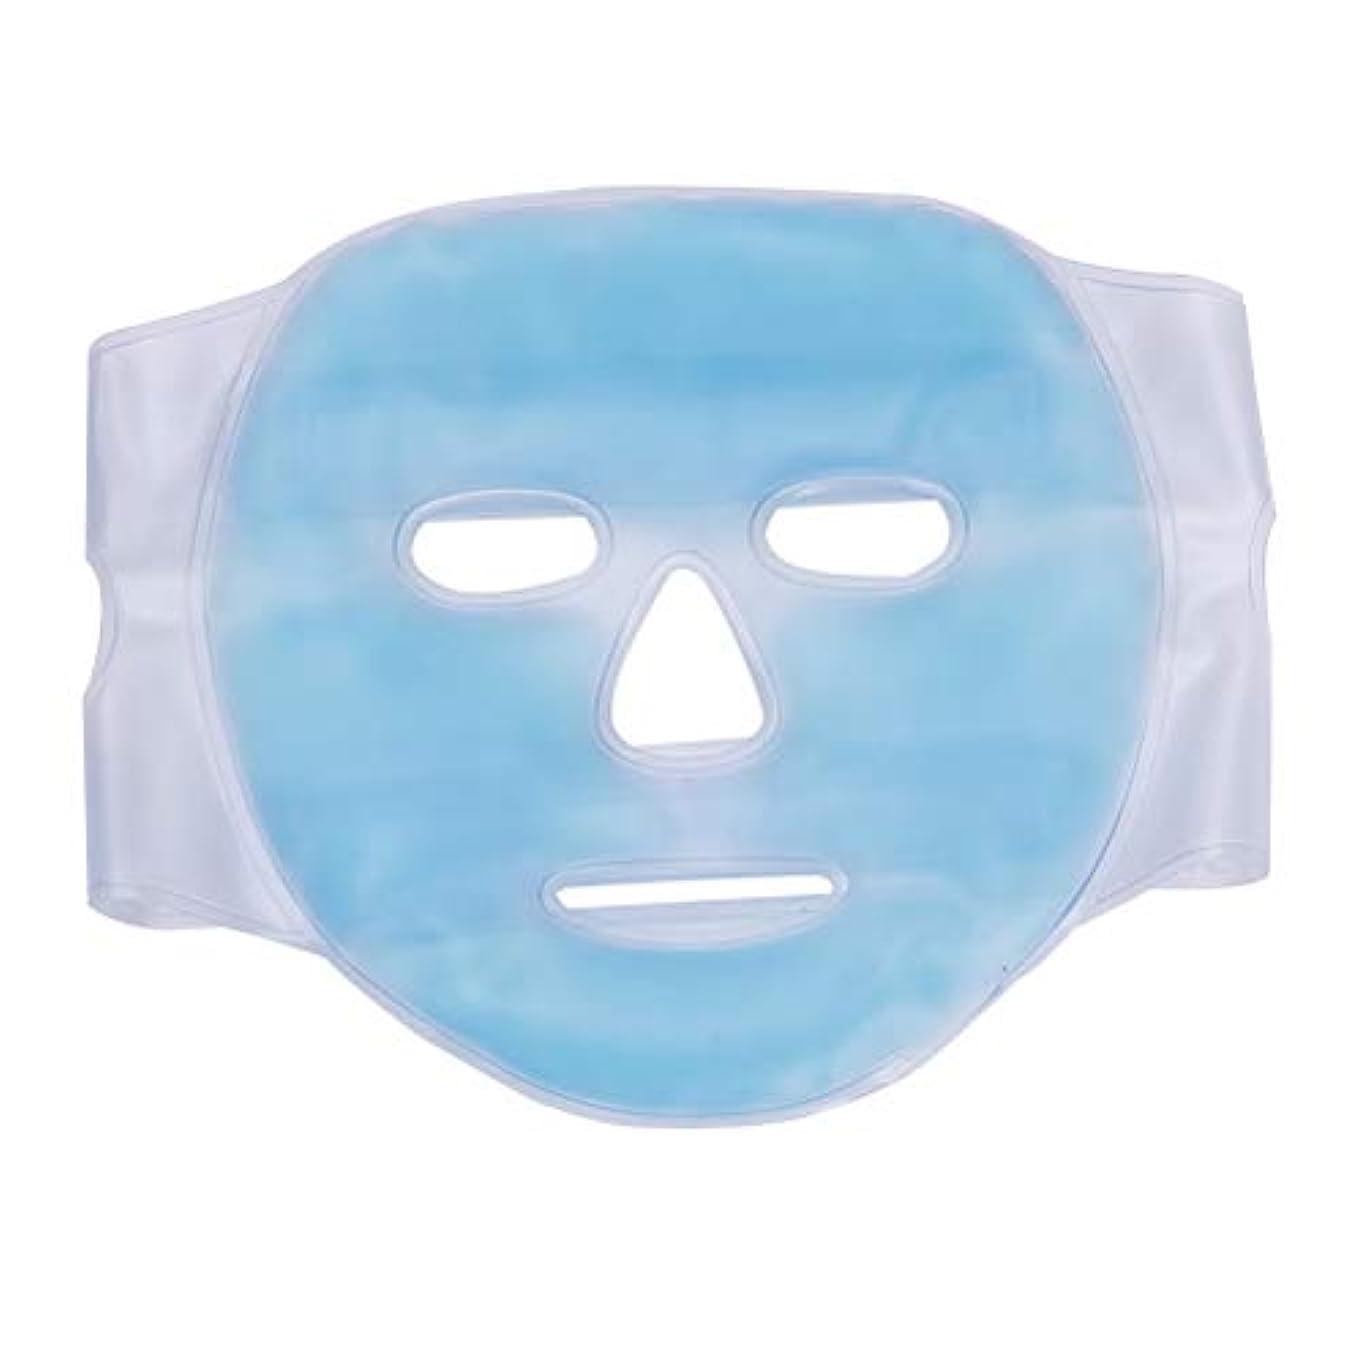 パフグレード異邦人SUPVOX 美容マスクホットコールドセラピージェルビーズフルフェイシャルマスク睡眠用片頭痛緩腫れぼったい顔(青)